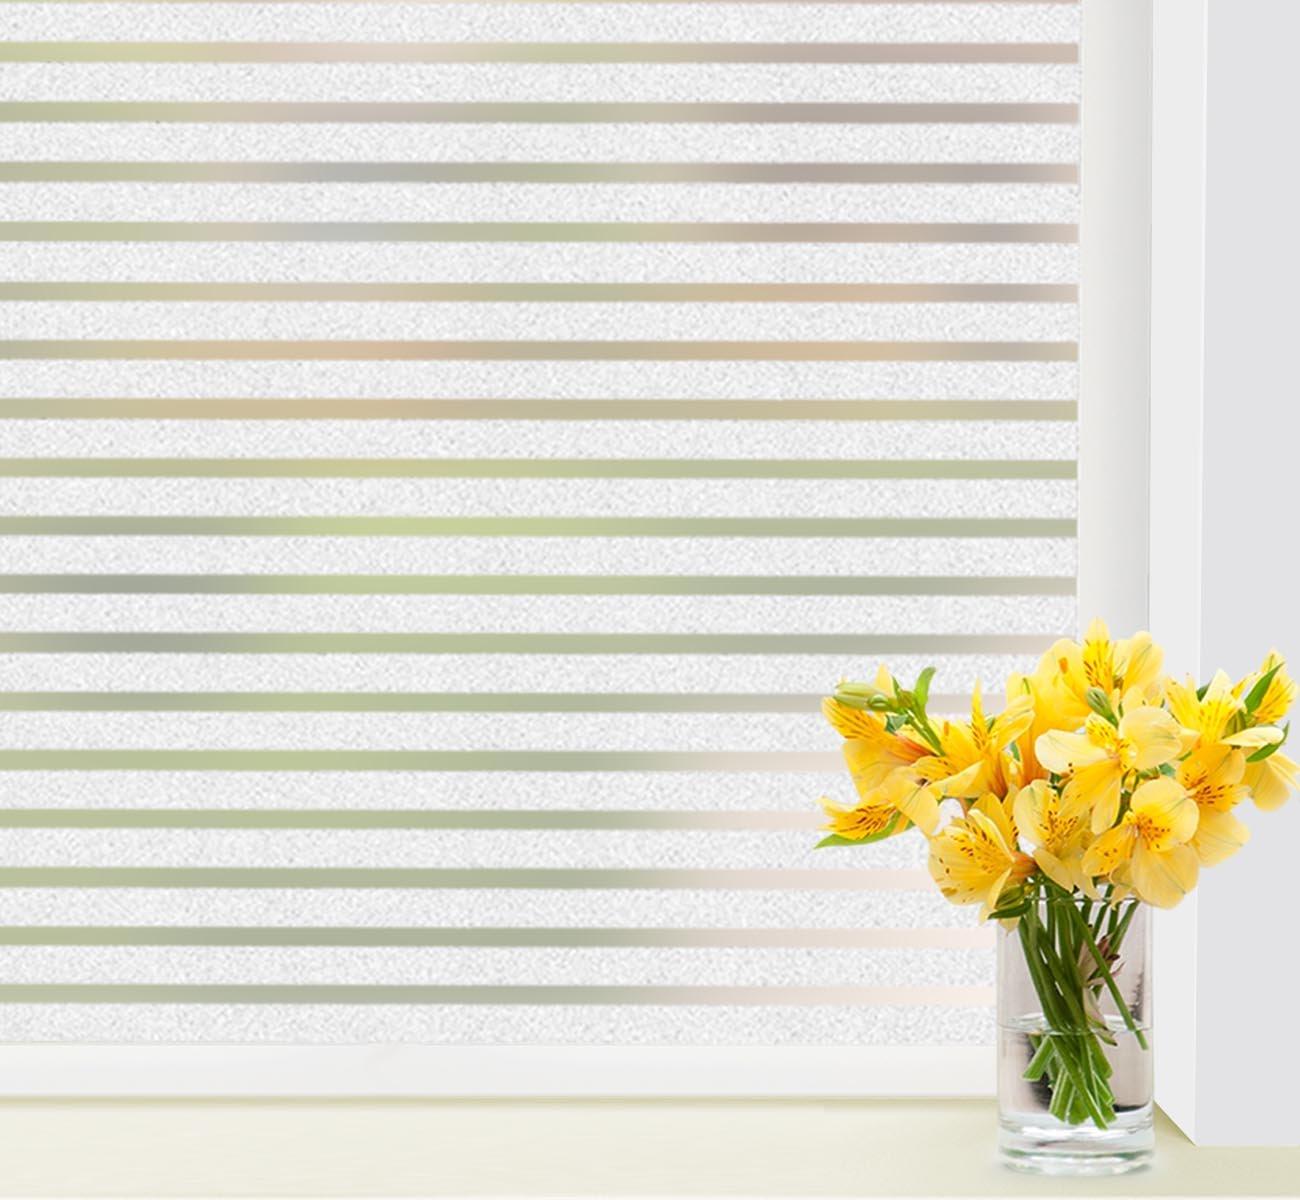 1Plusselect Pellicola Finestra Pellicola Protettiva senza colla 43x 300cm Anti UV statico in vetro smerigliato pellicola strisce adesivi per finestra per casa camera da letto Cucina Ufficio